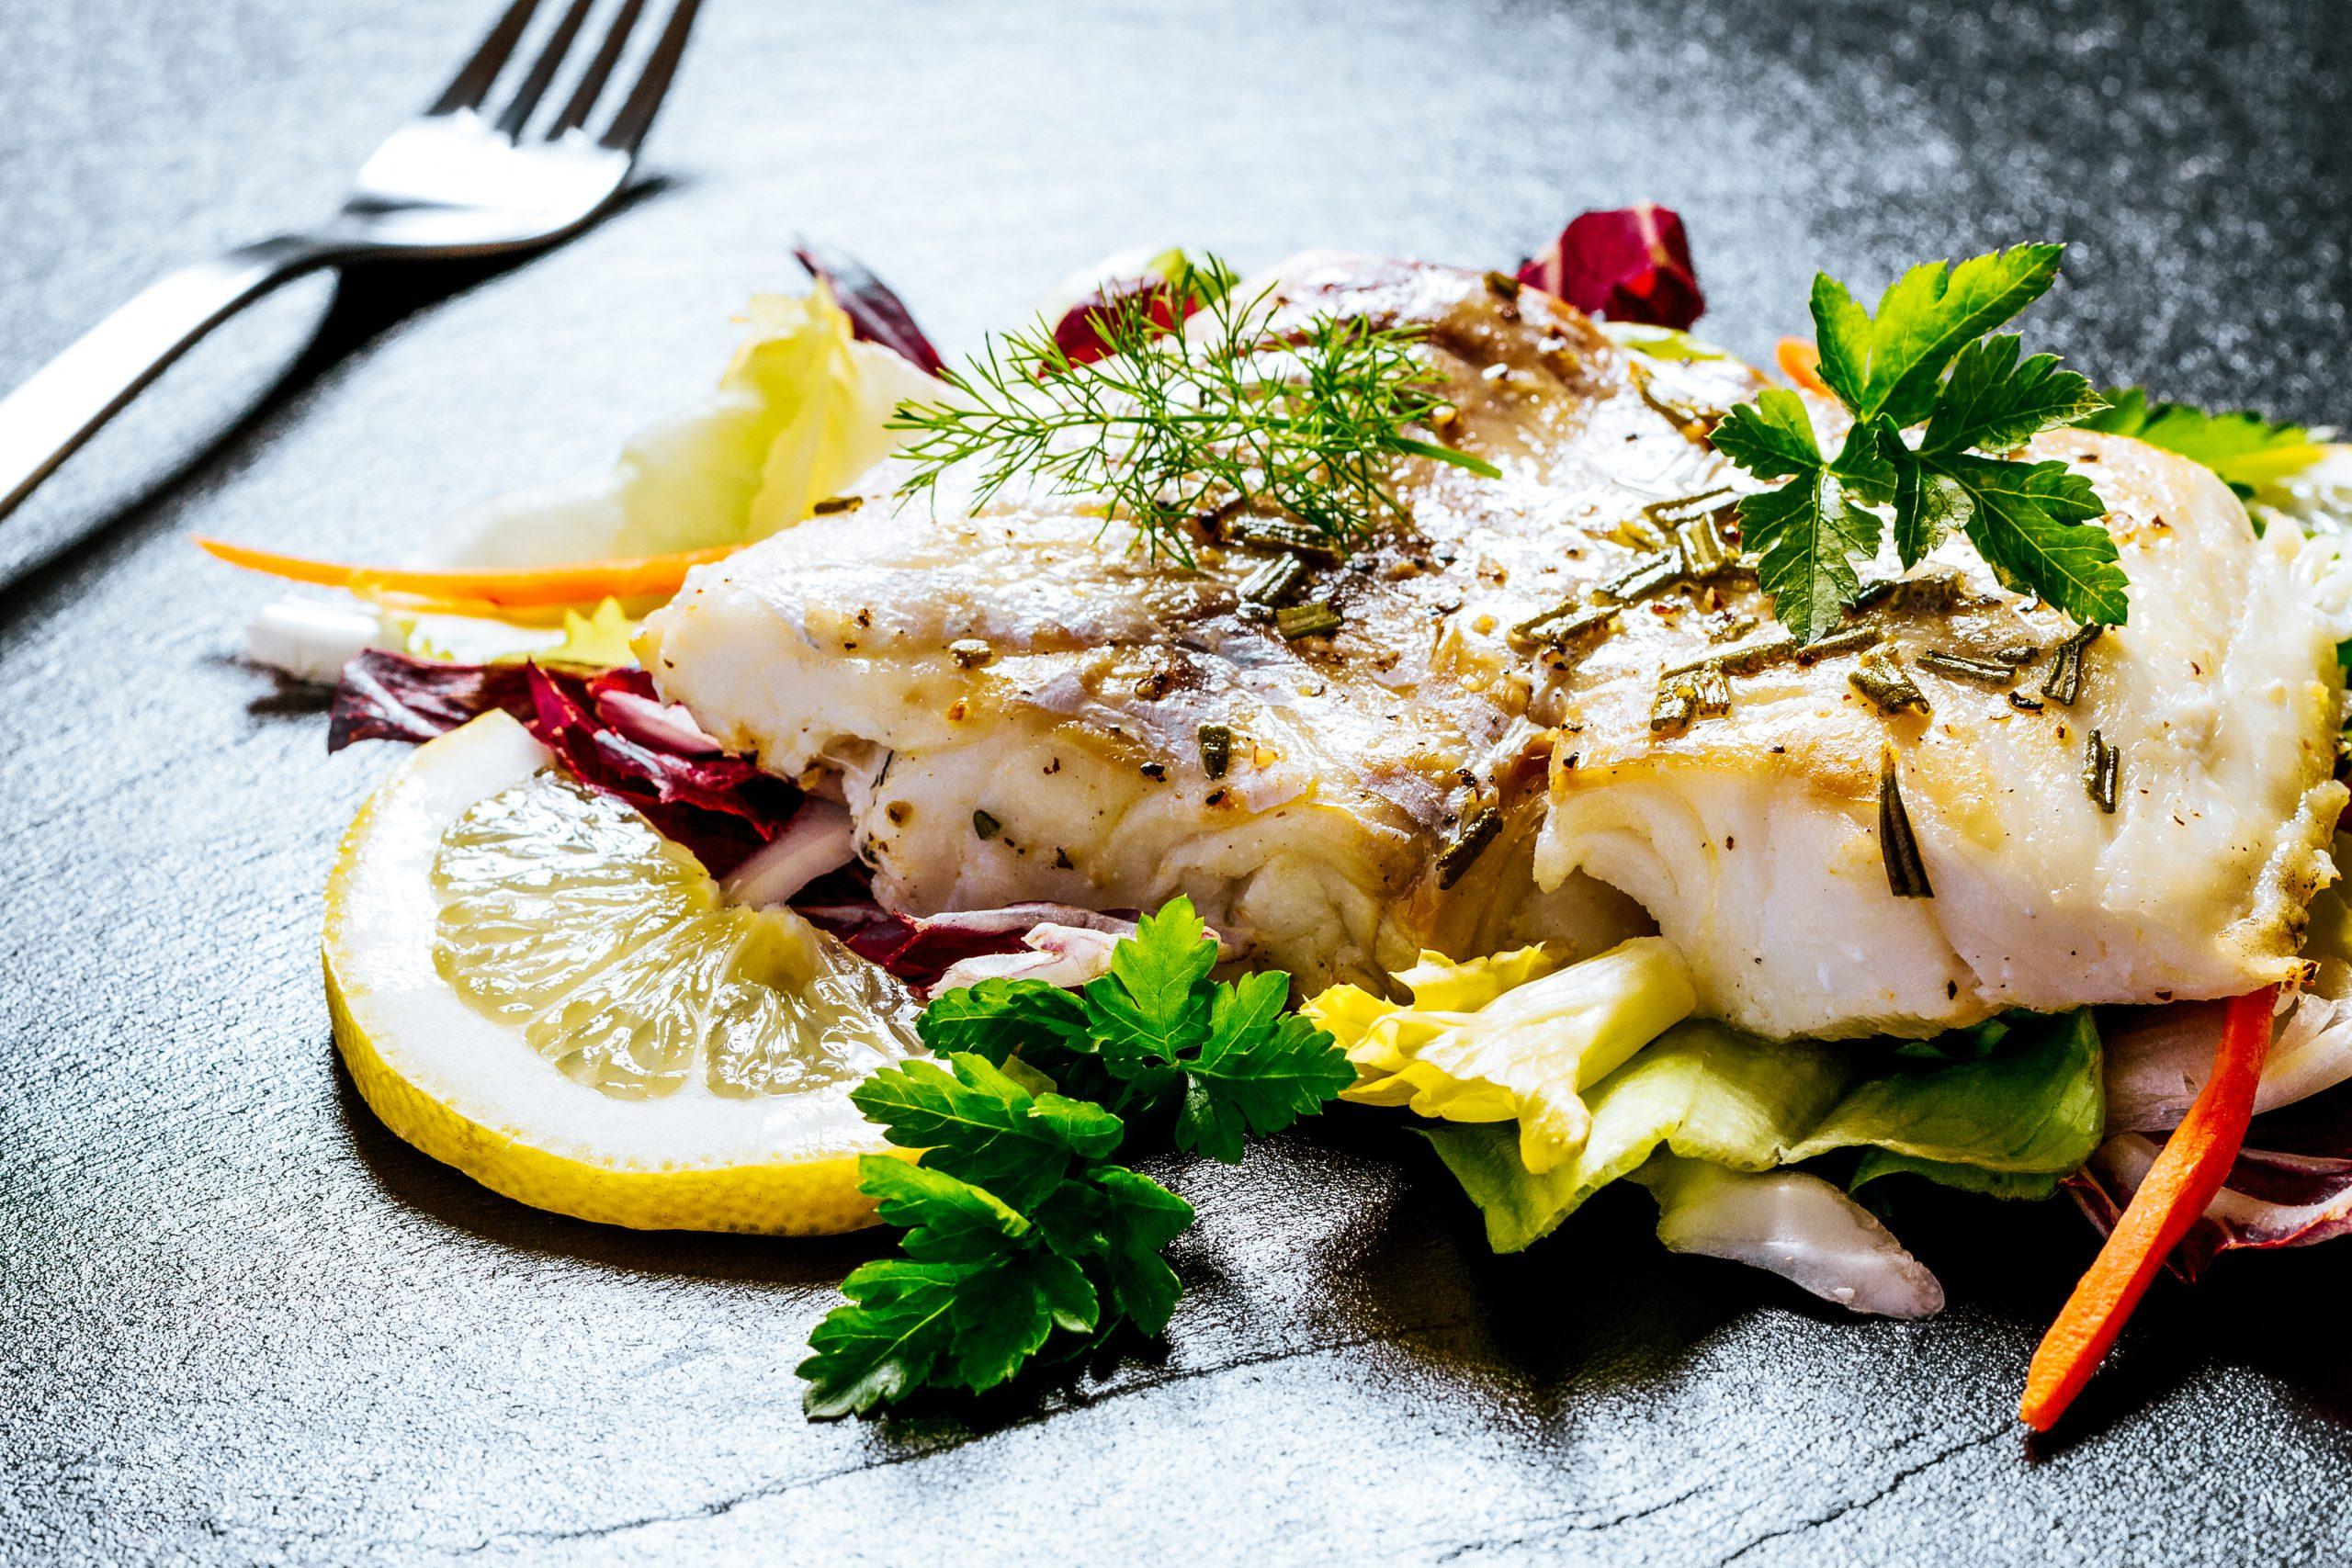 Fischgerichte sind typisch für Bremen